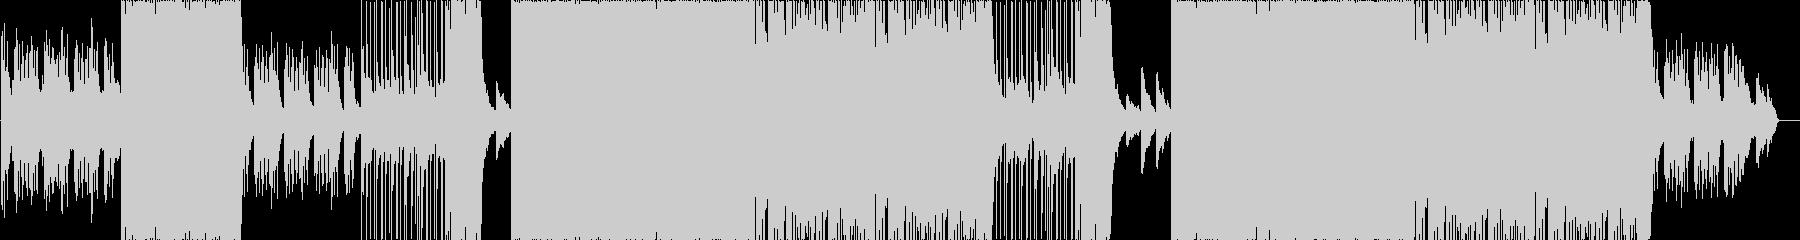 激しいメタルコアピアノバラードの未再生の波形